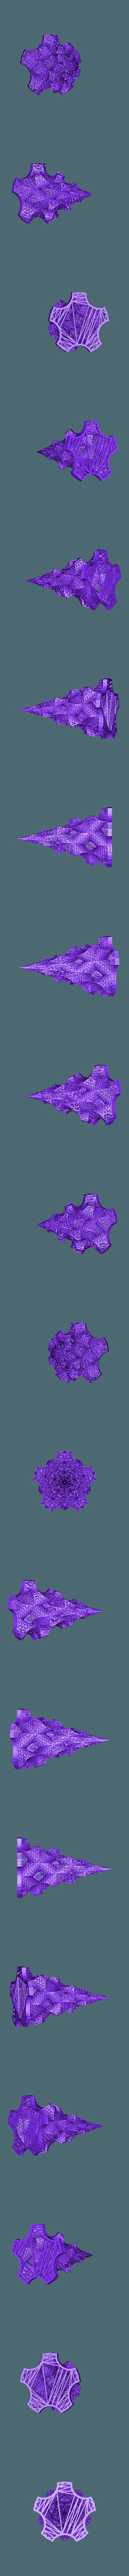 sapin de noel voro 2 .stl Télécharger fichier STL gratuit Christmas tree - sapin de Noël (style 2) • Plan imprimable en 3D, sandygantois